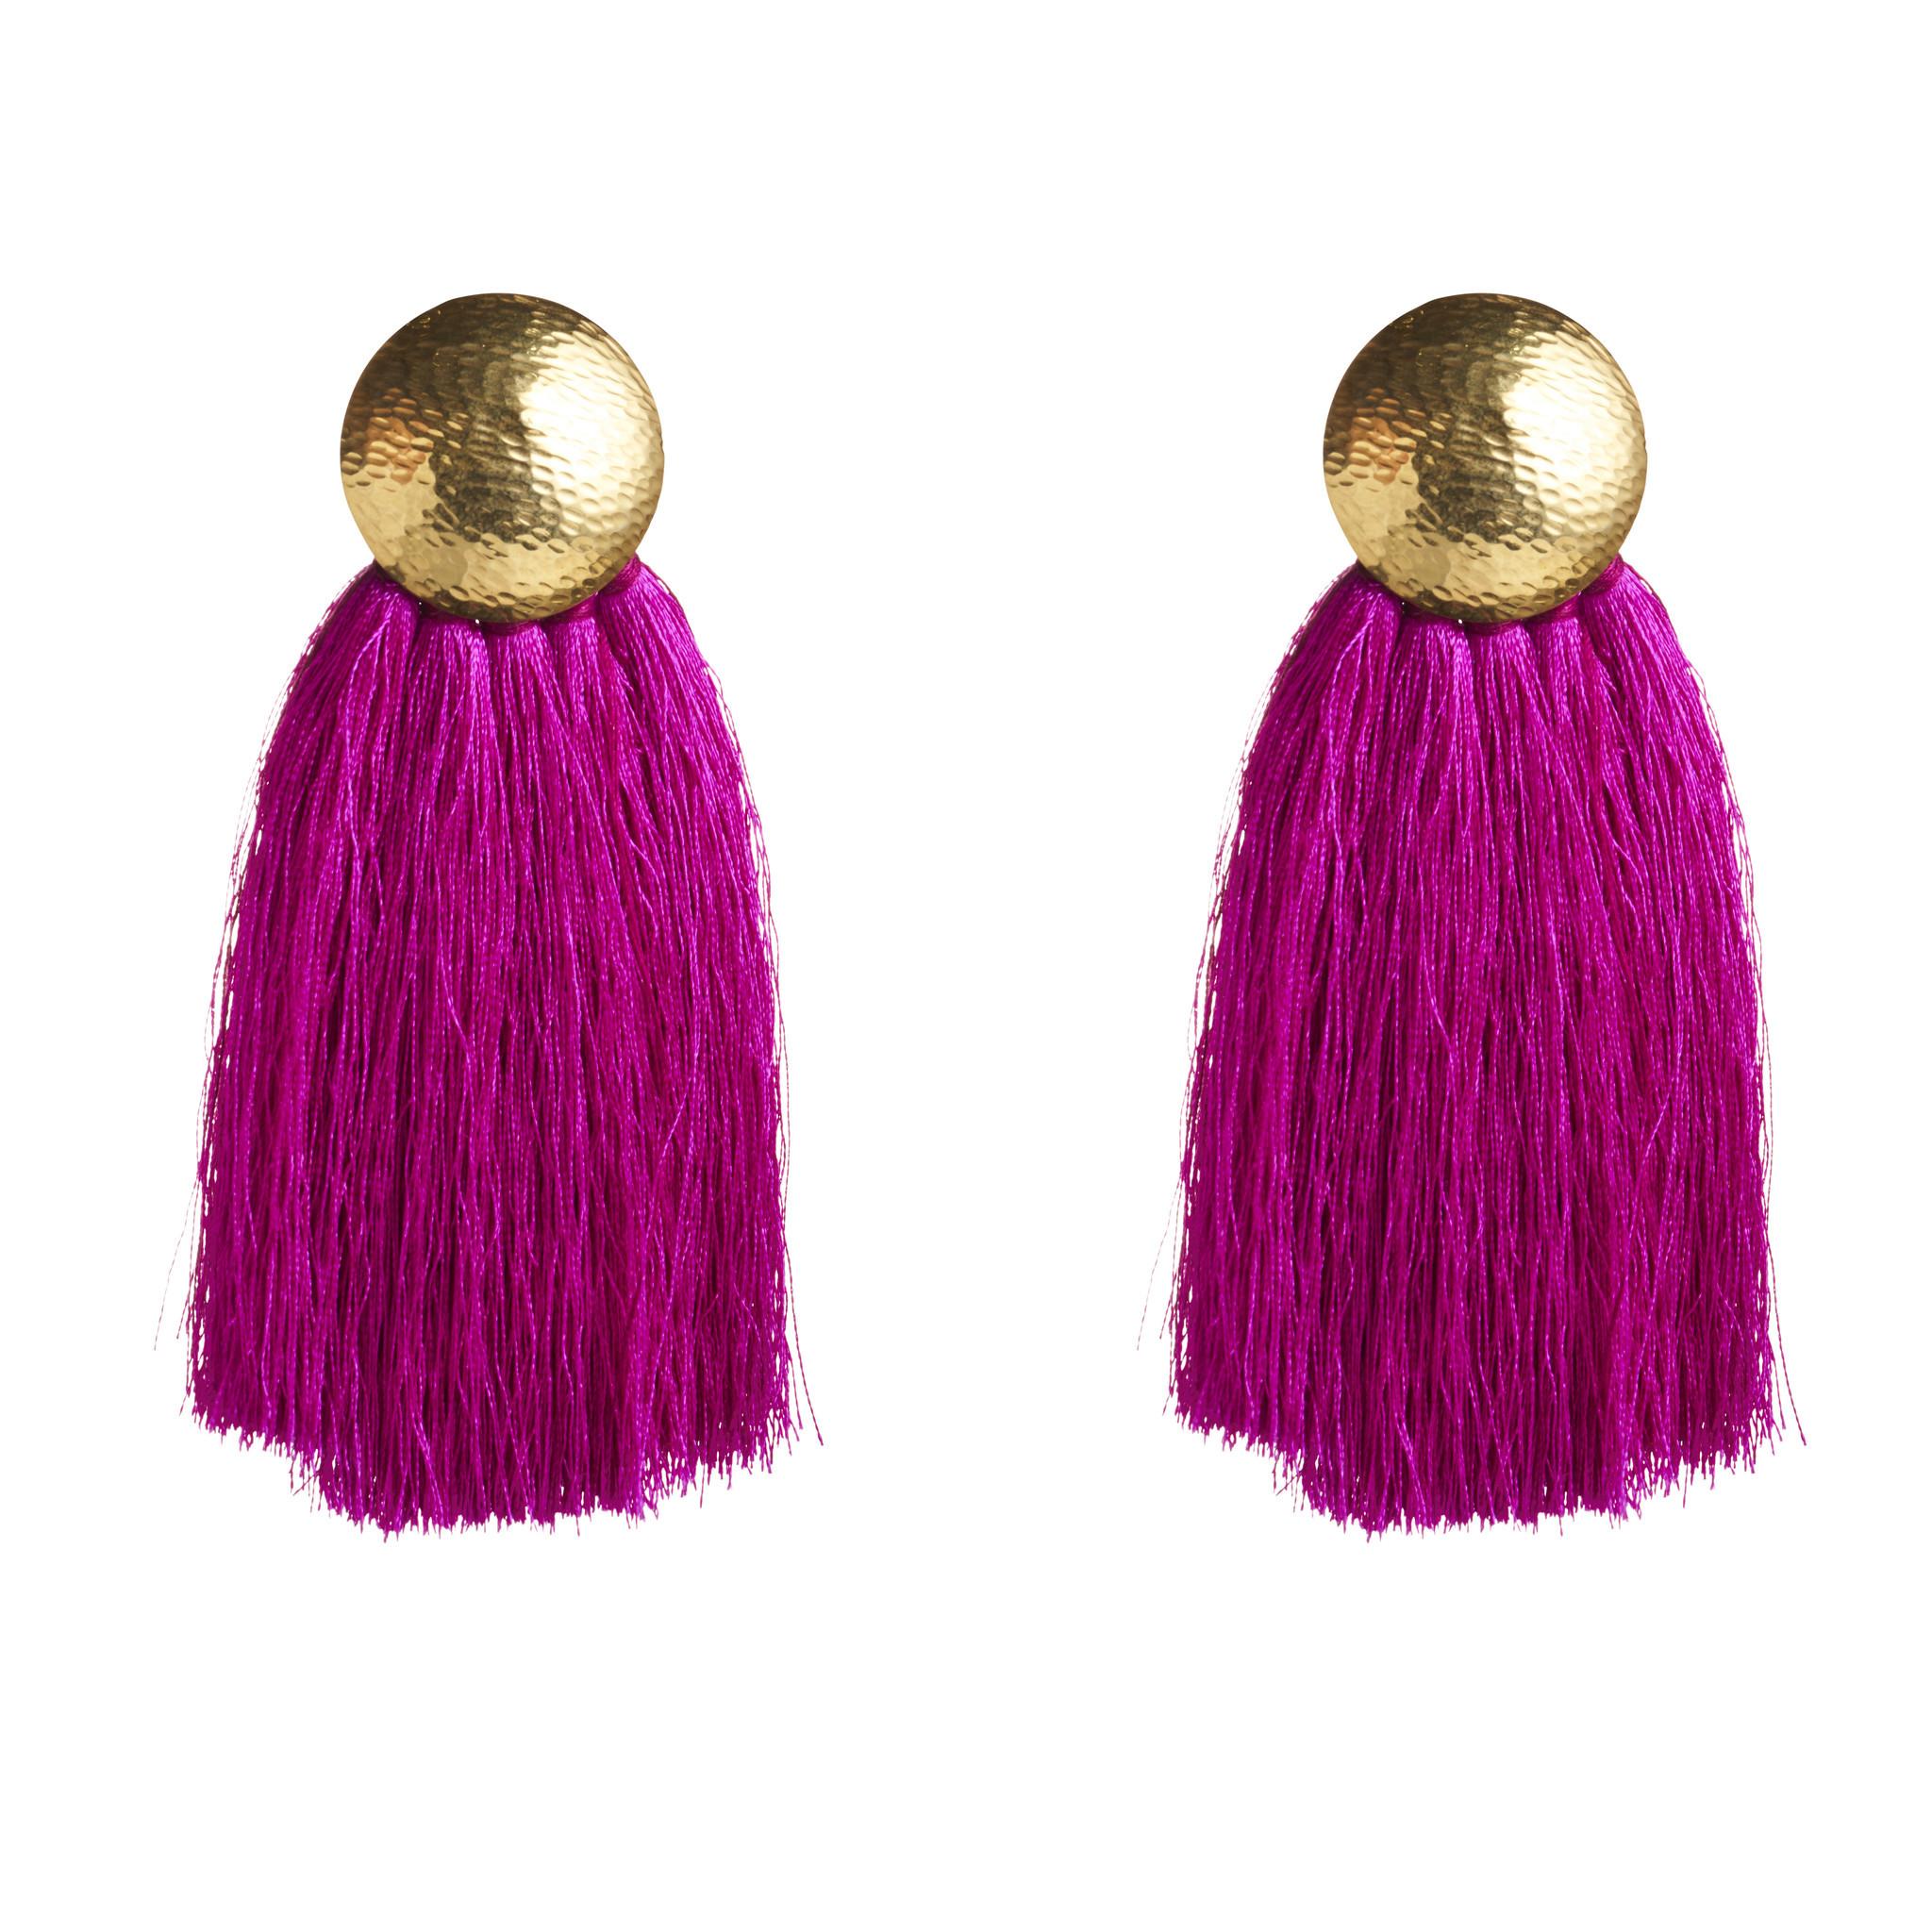 Flaca's tasseled earrings in silk and sterling silver.